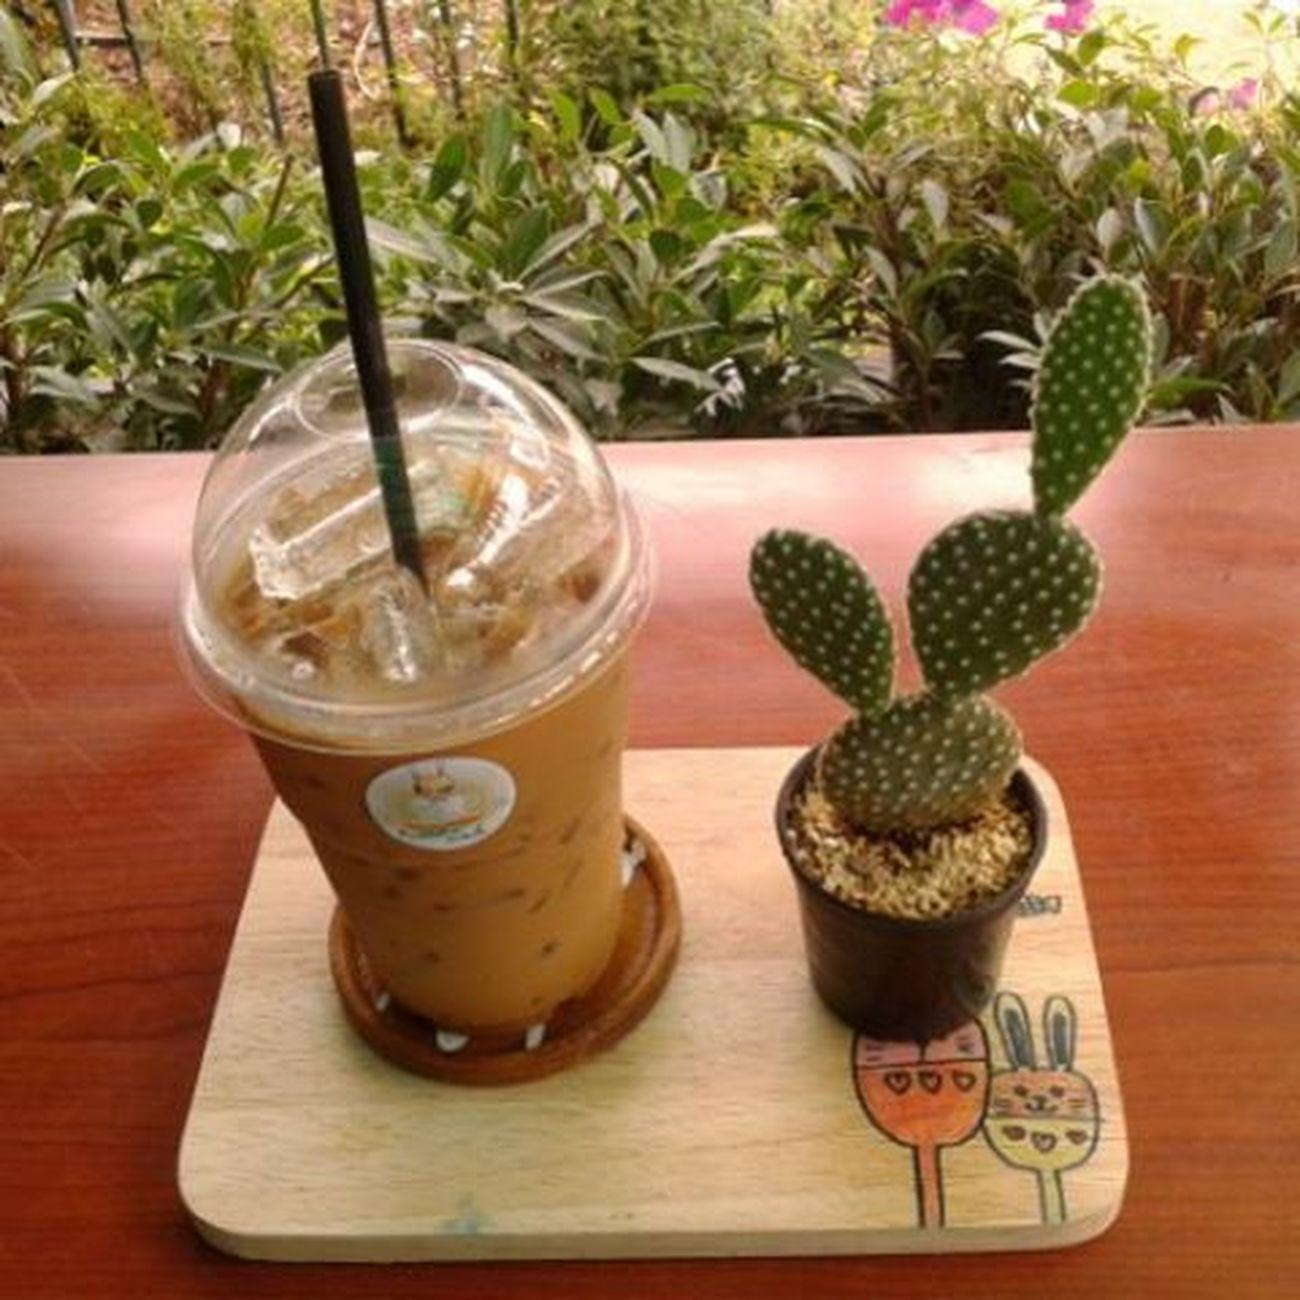 อยากกินกาแฟแล้วว ..เมื่อใดจะหายย // กินไม่ได้ ถ่ายรูปเก็บไว้ก็ยังดี 😊🌵☕ Coffee Coffeemania Mylife Espresso cactus favorite faifav rabbit rabbitcafe cnx thailand